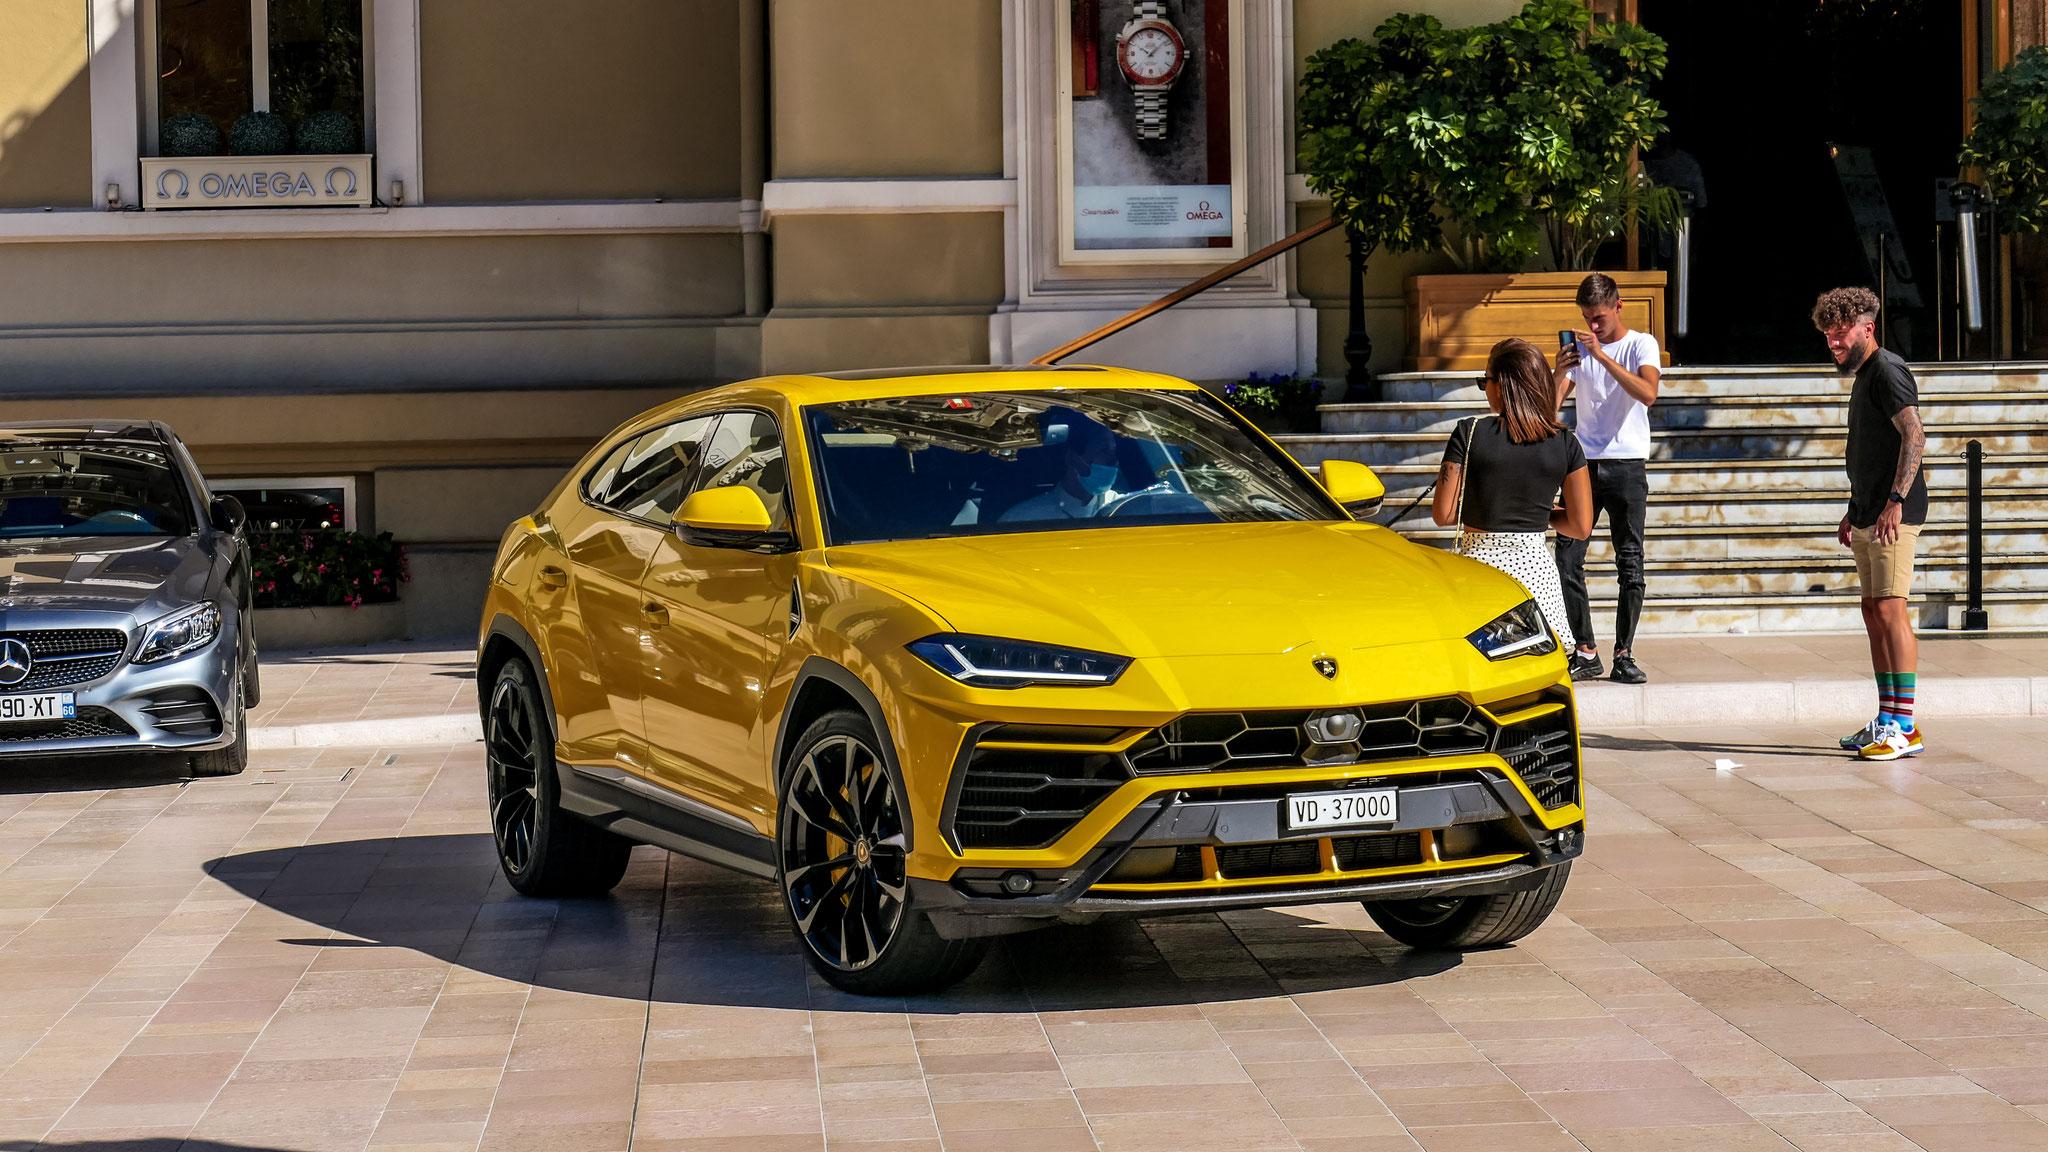 Lamborghini Urus - VD-37000 (CH)